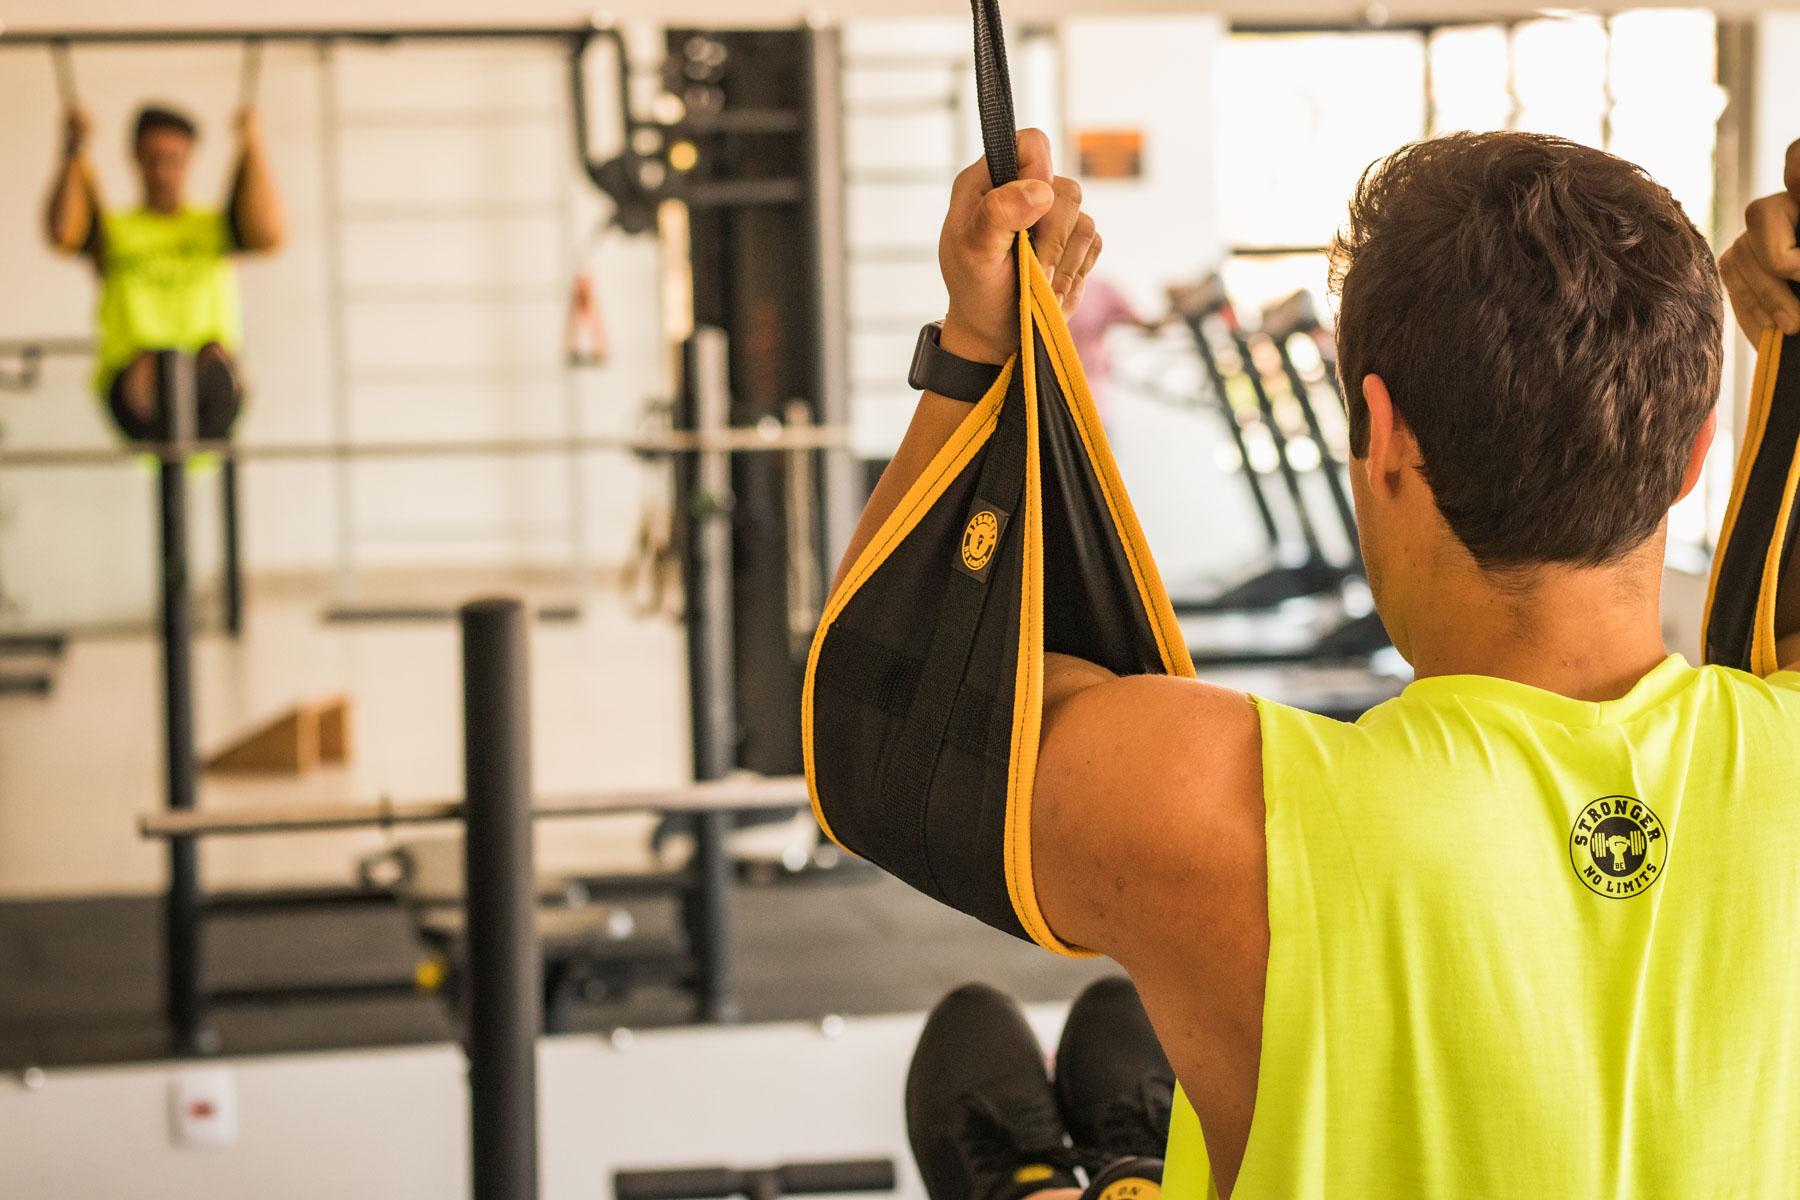 Tipóia P/ Exercício Abdominal  - Suspensão - Funcional - Trx